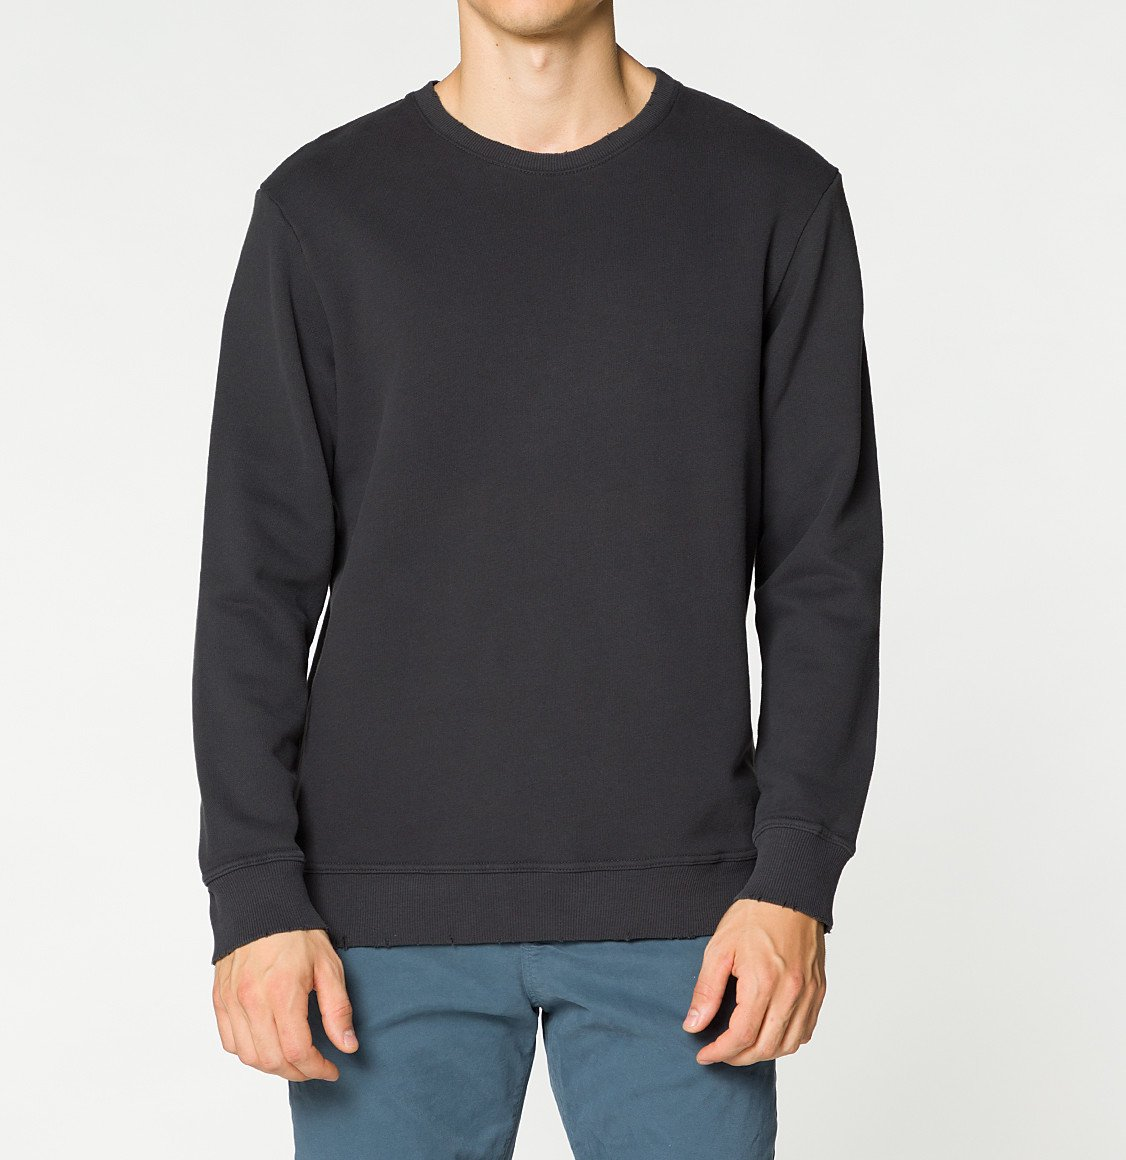 The Project Garments Distressed Crew-Neck Sweatshirt Meteorite Grey